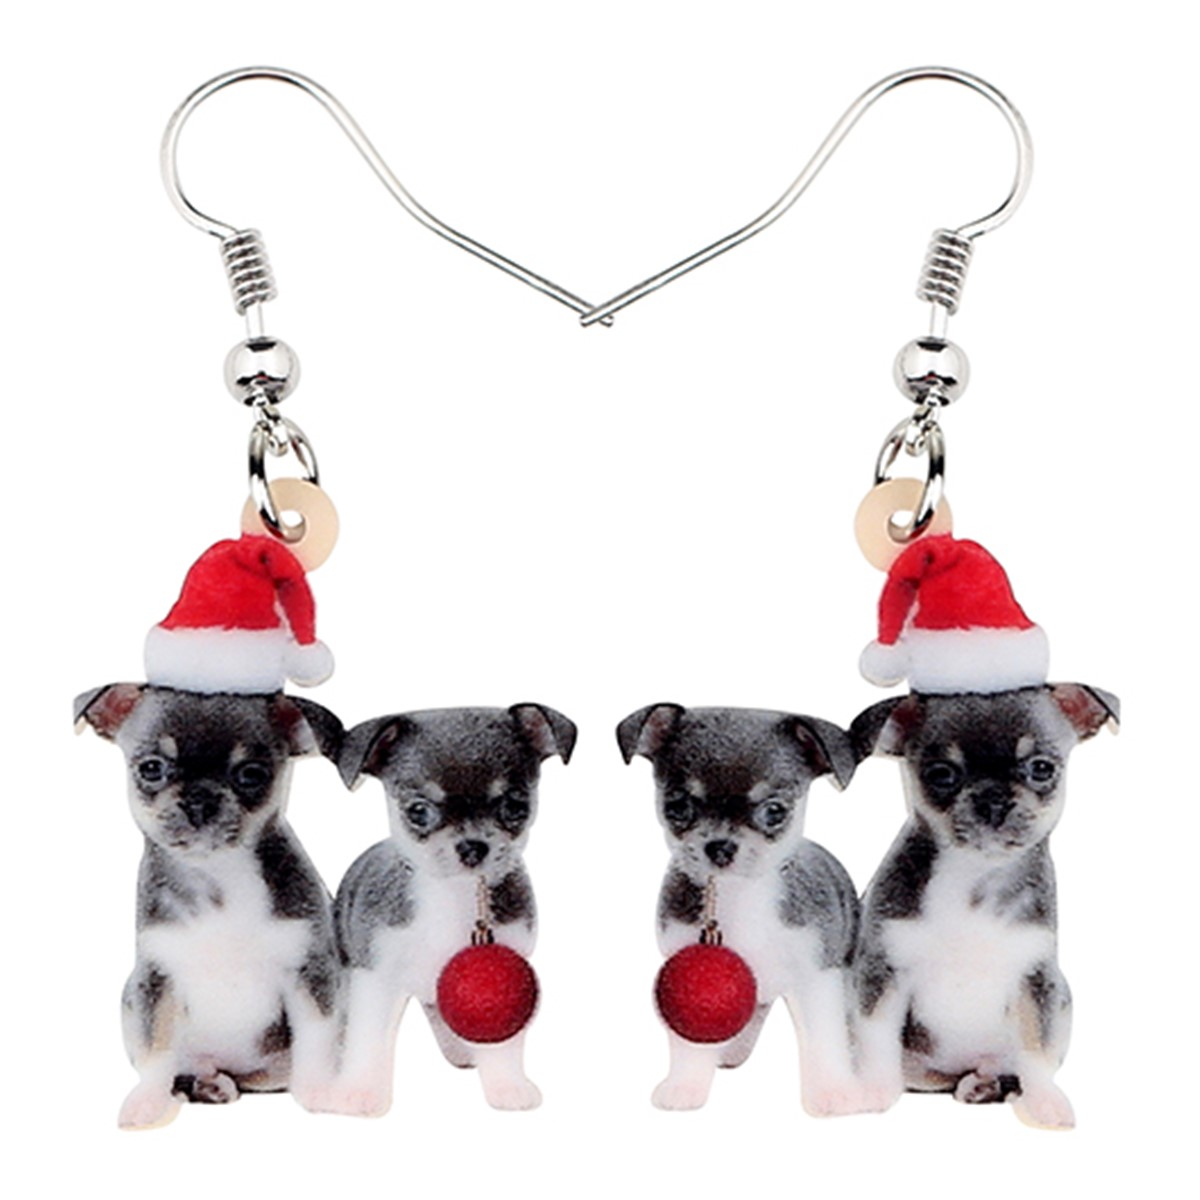 Acrylique Anime Pig Piggy Jewelry Set Boucles d/'oreilles collier pendentif pour femmes enfant cadeau